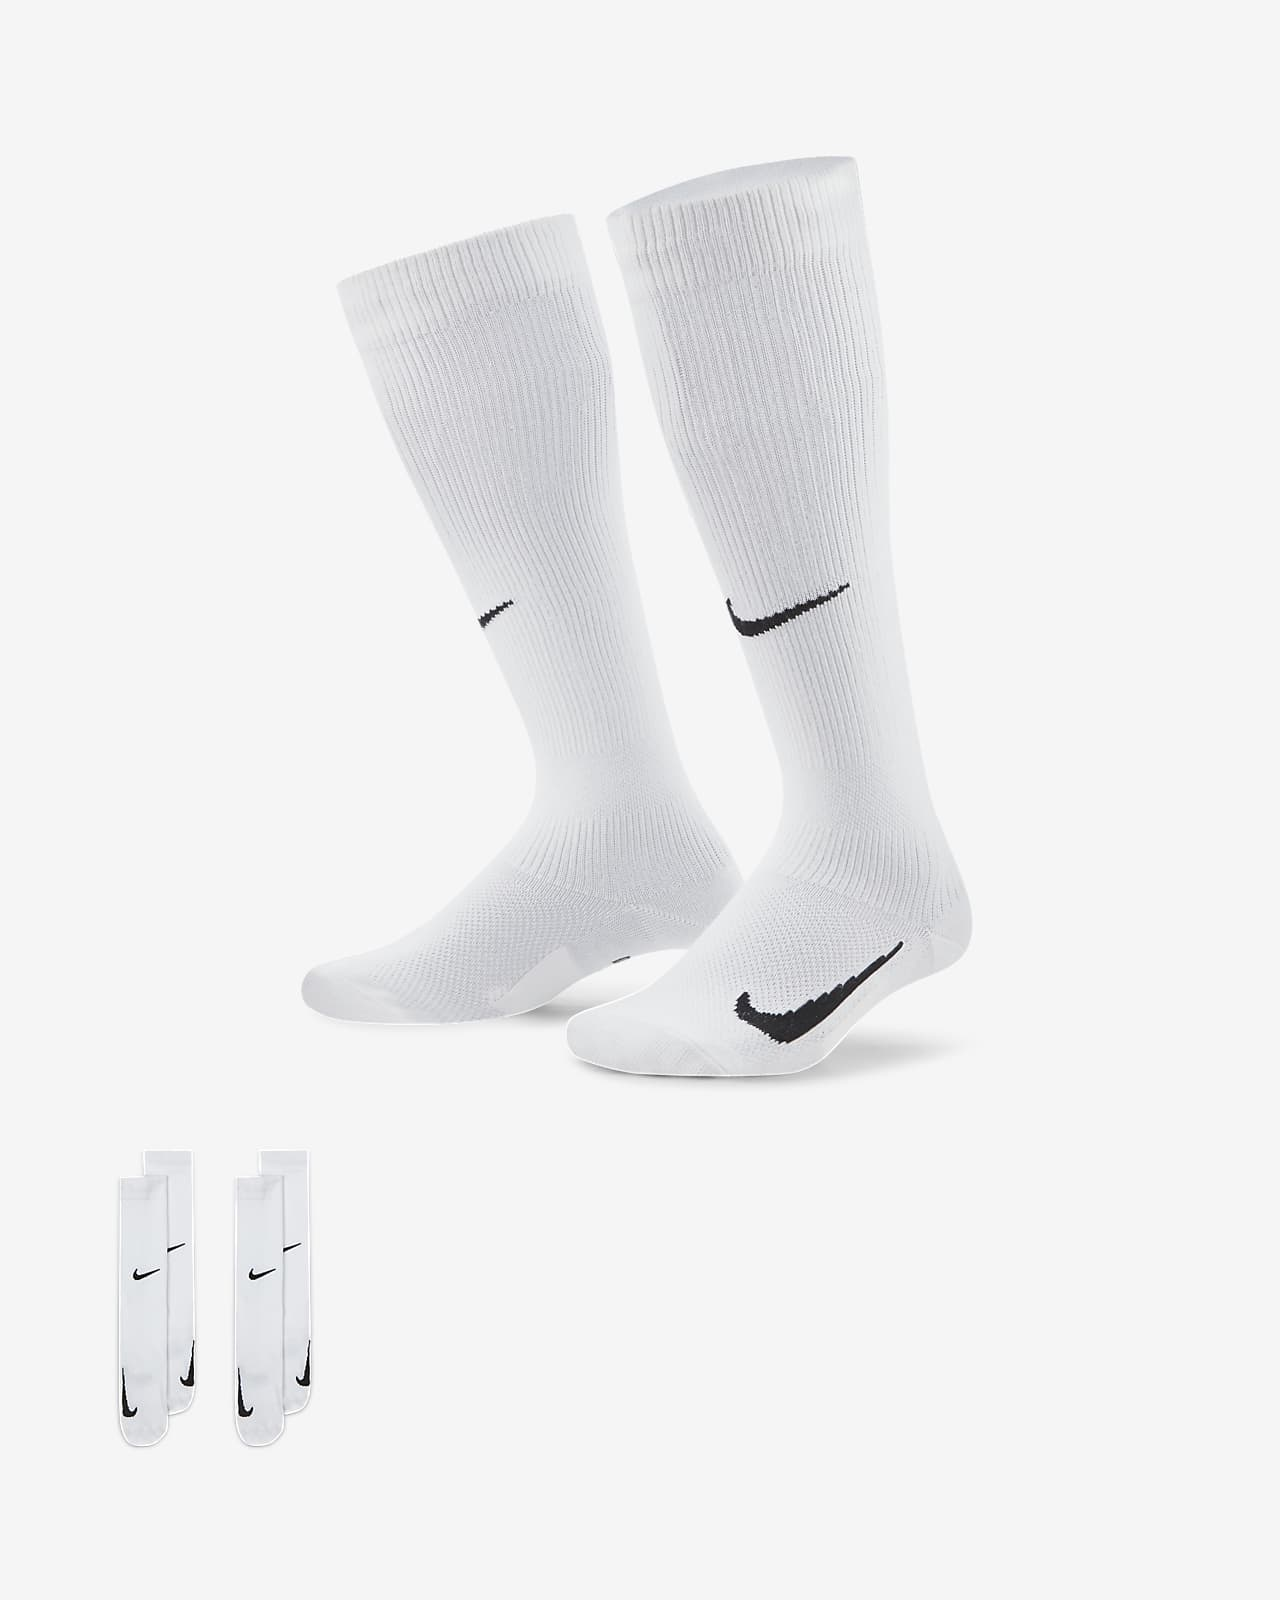 Chaussettes hautes Nike Swoosh pour Enfant (2 paires)